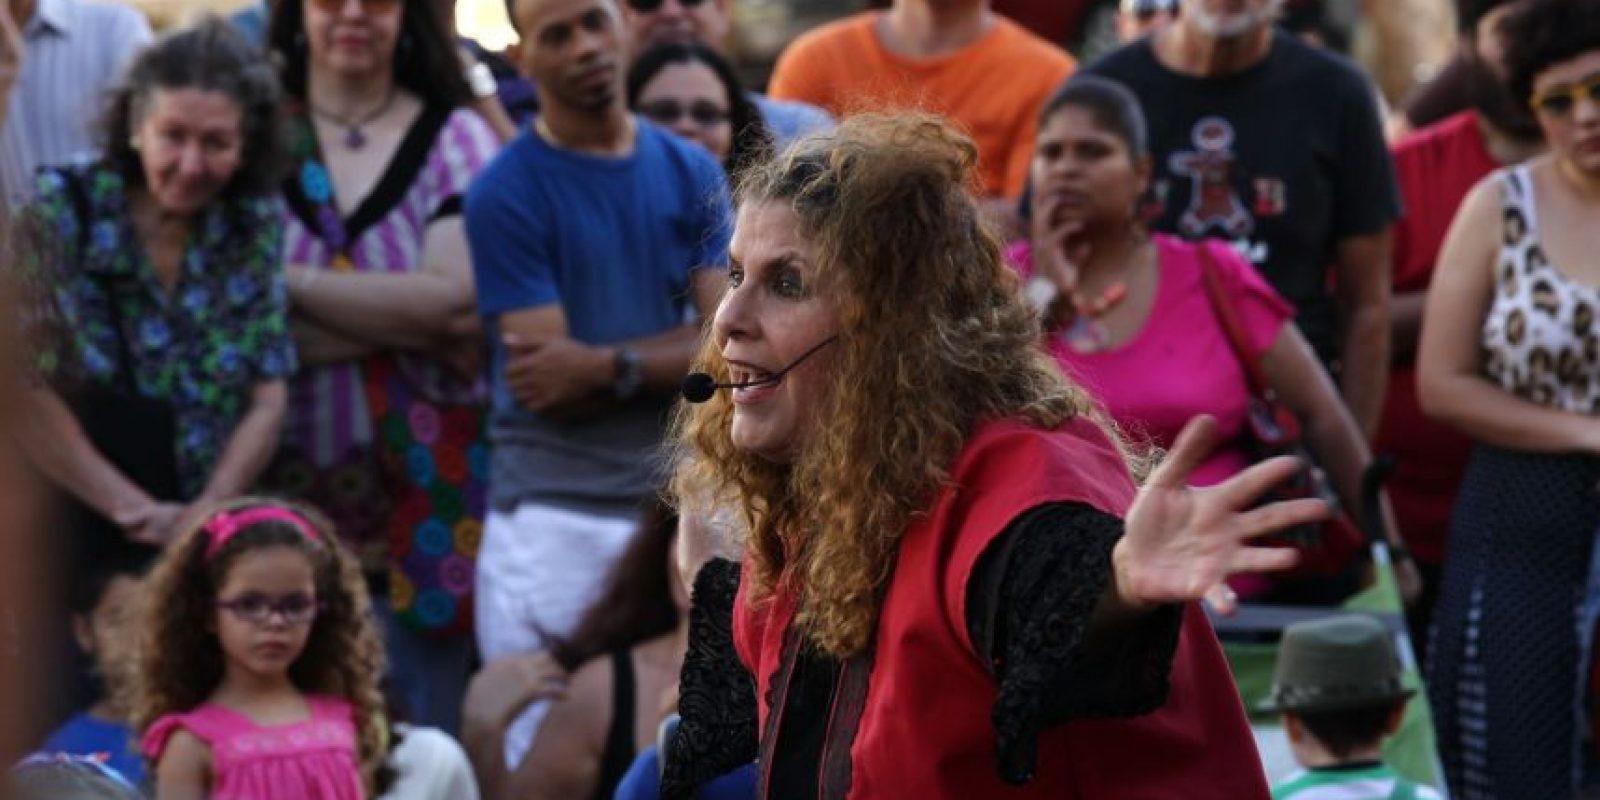 Tere Marichal Foto:Keno Rodríguez/ Metro Puerto Rico. Imagen Por: